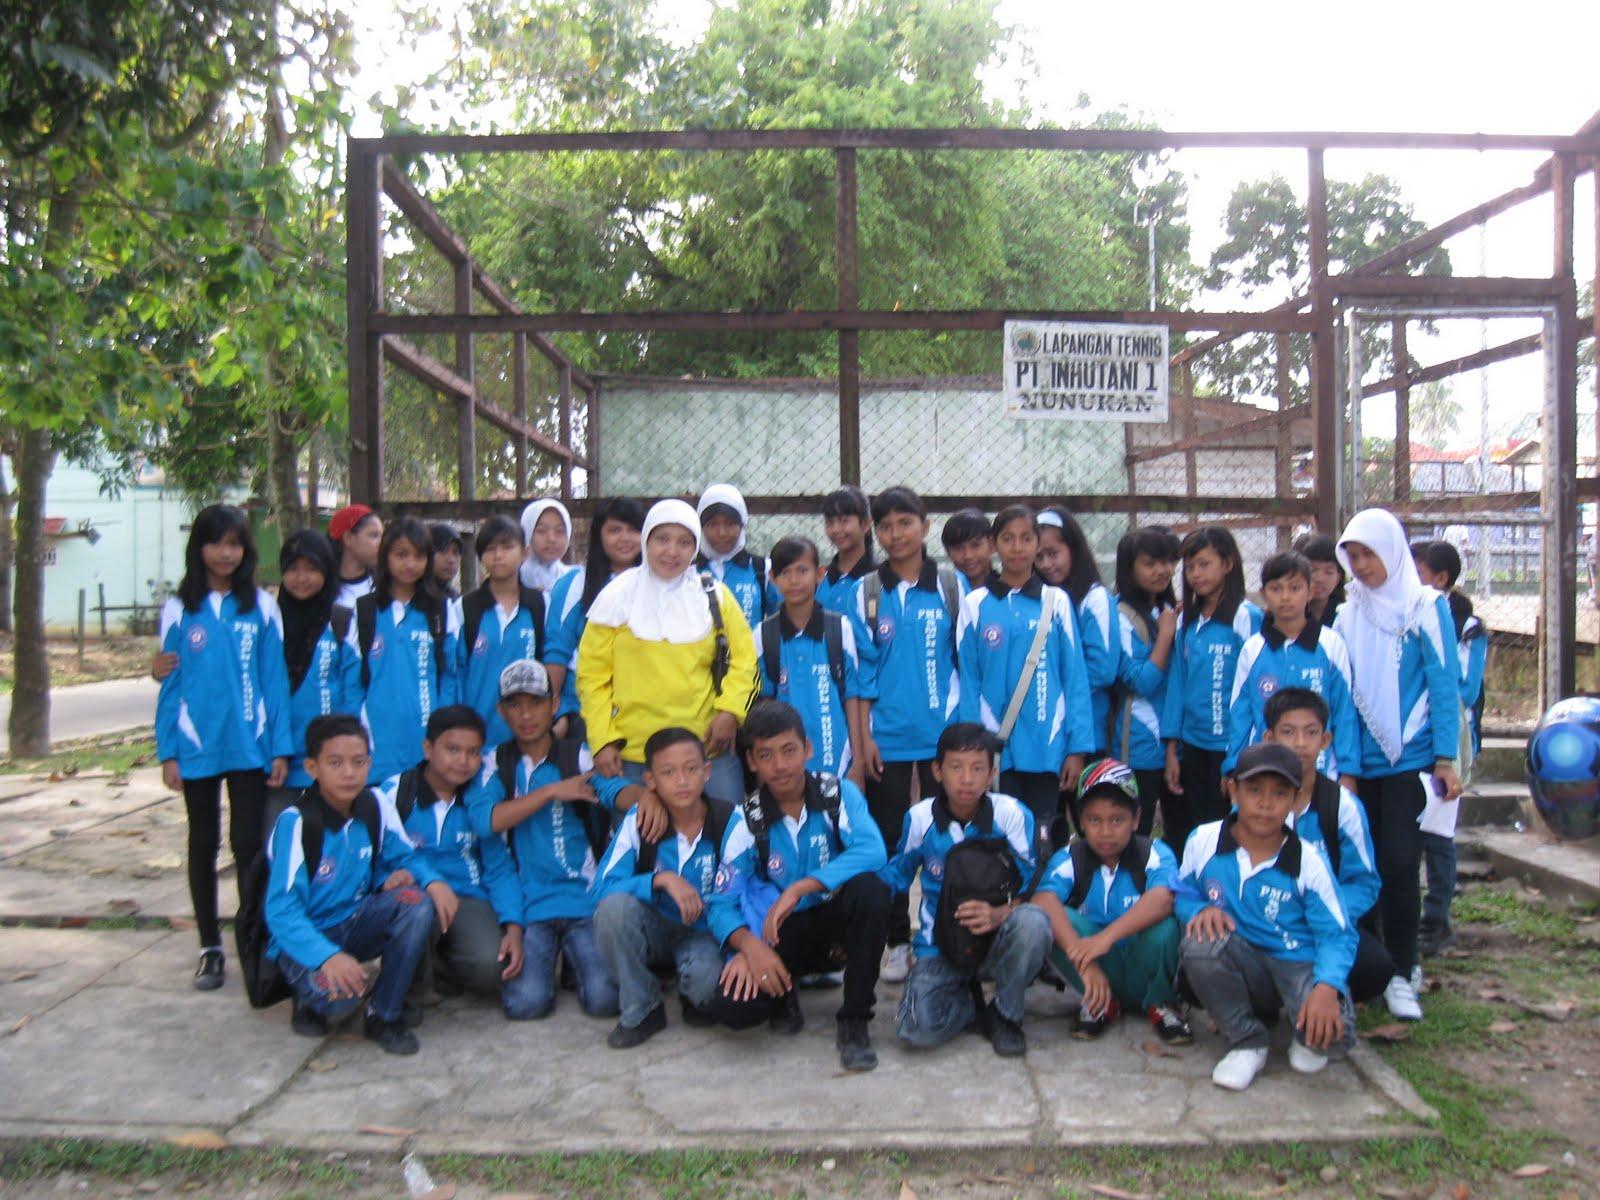 Palang Merah Remaja SMP Negeri 2 Nunukan